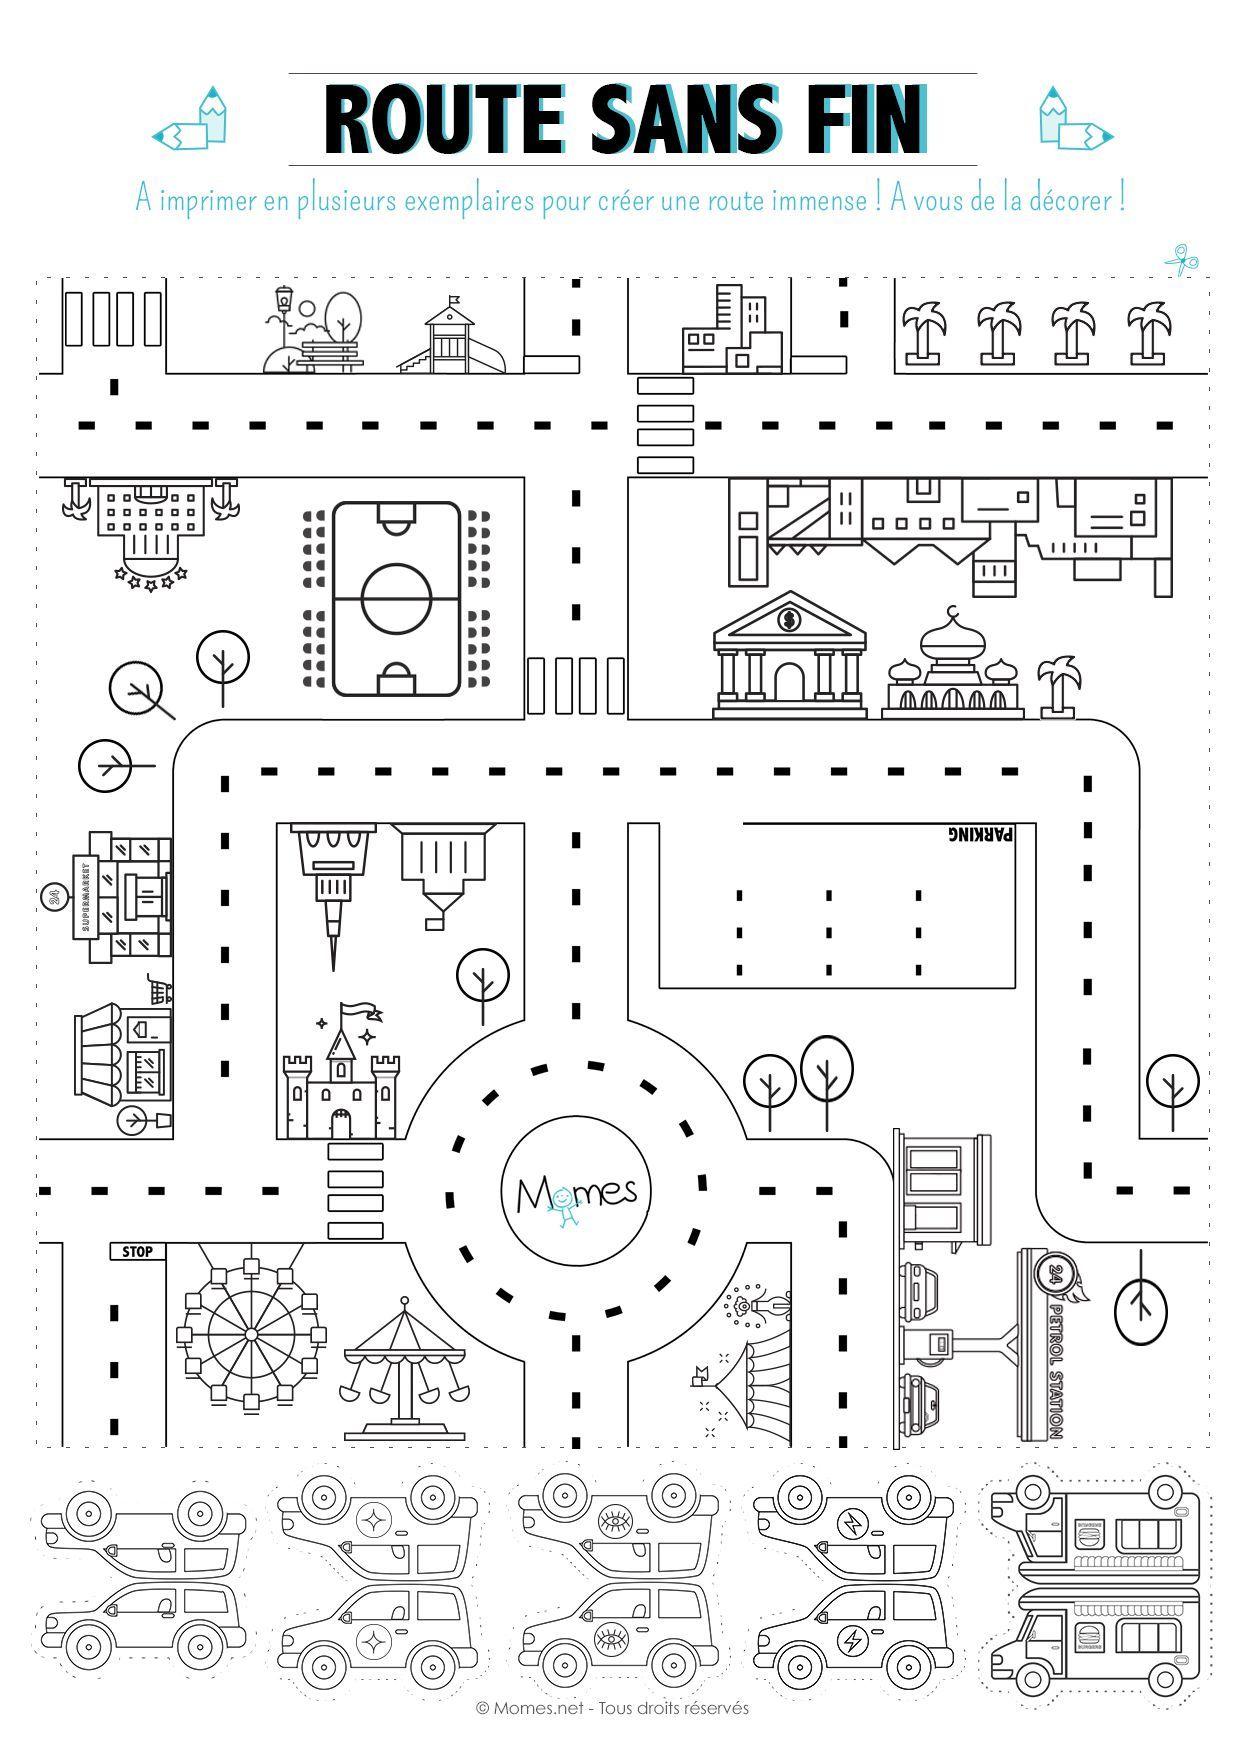 Krokotak Print Printables For Kids Craftidea Org Ausdrucken Ausmalbilder Zum Drucken Kinderaktivitaten